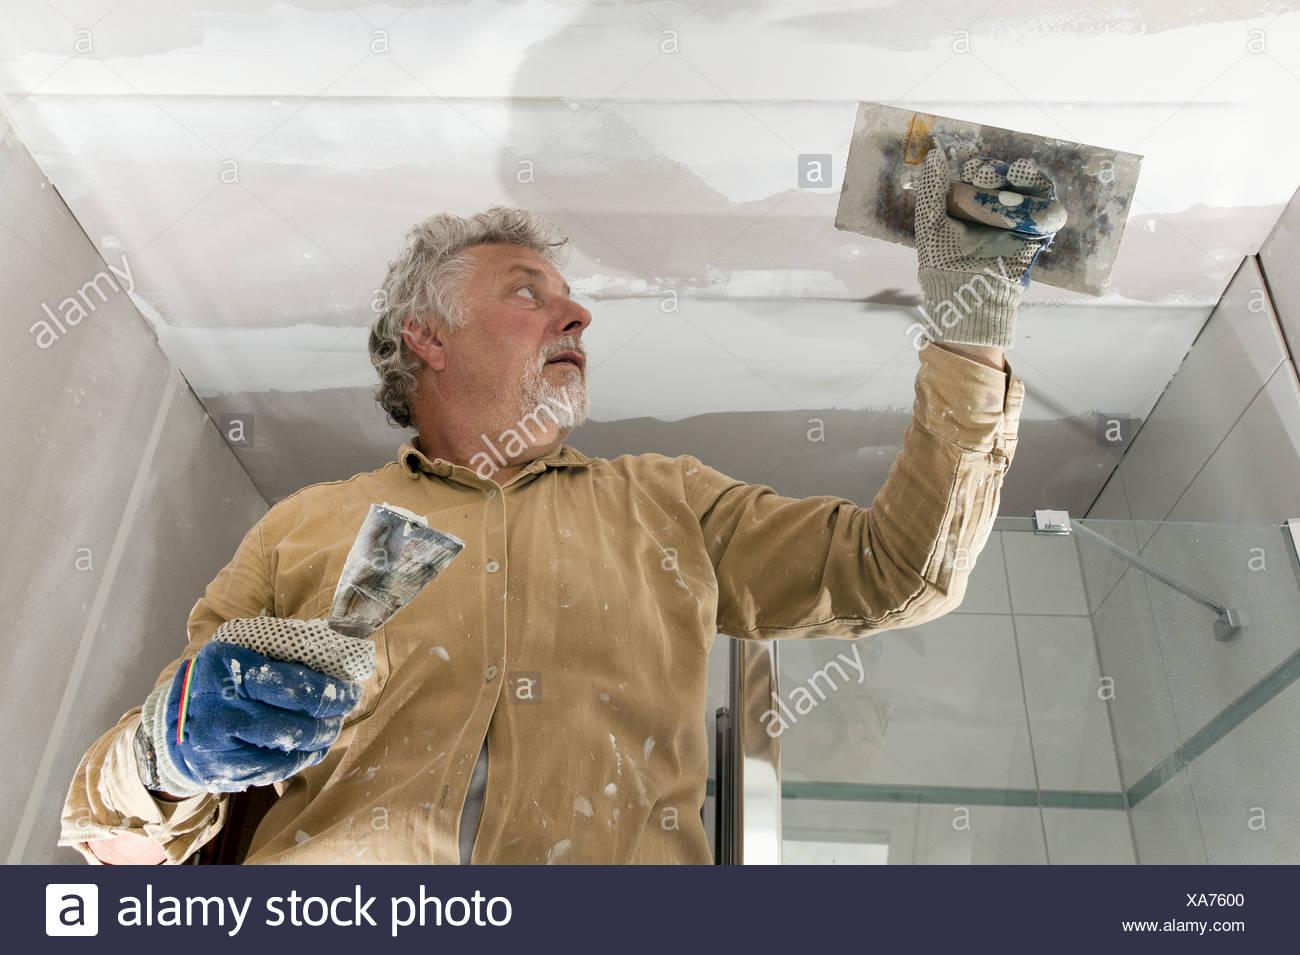 Maler, wenn die Decke Verputzen Stockfoto, Bild: 281670816 ...